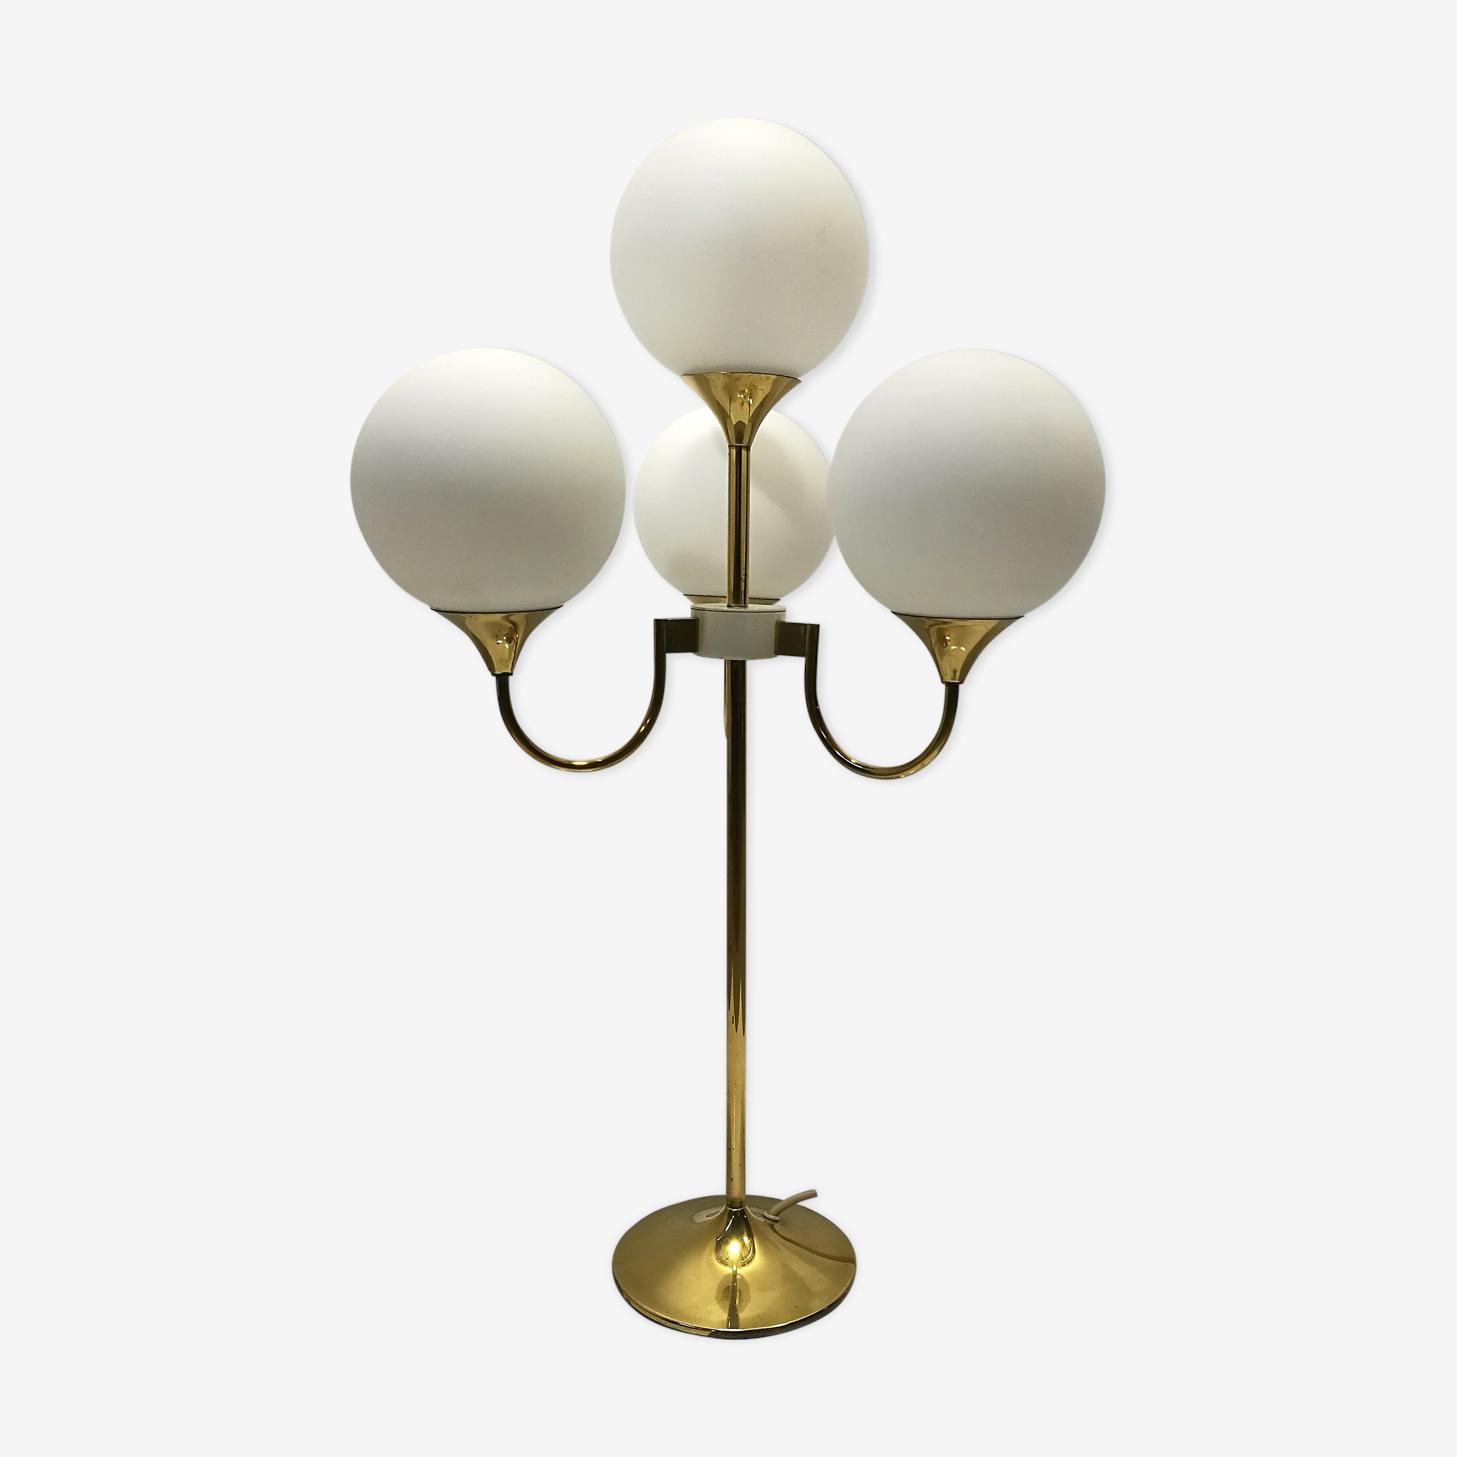 Lampe de table laiton années 70